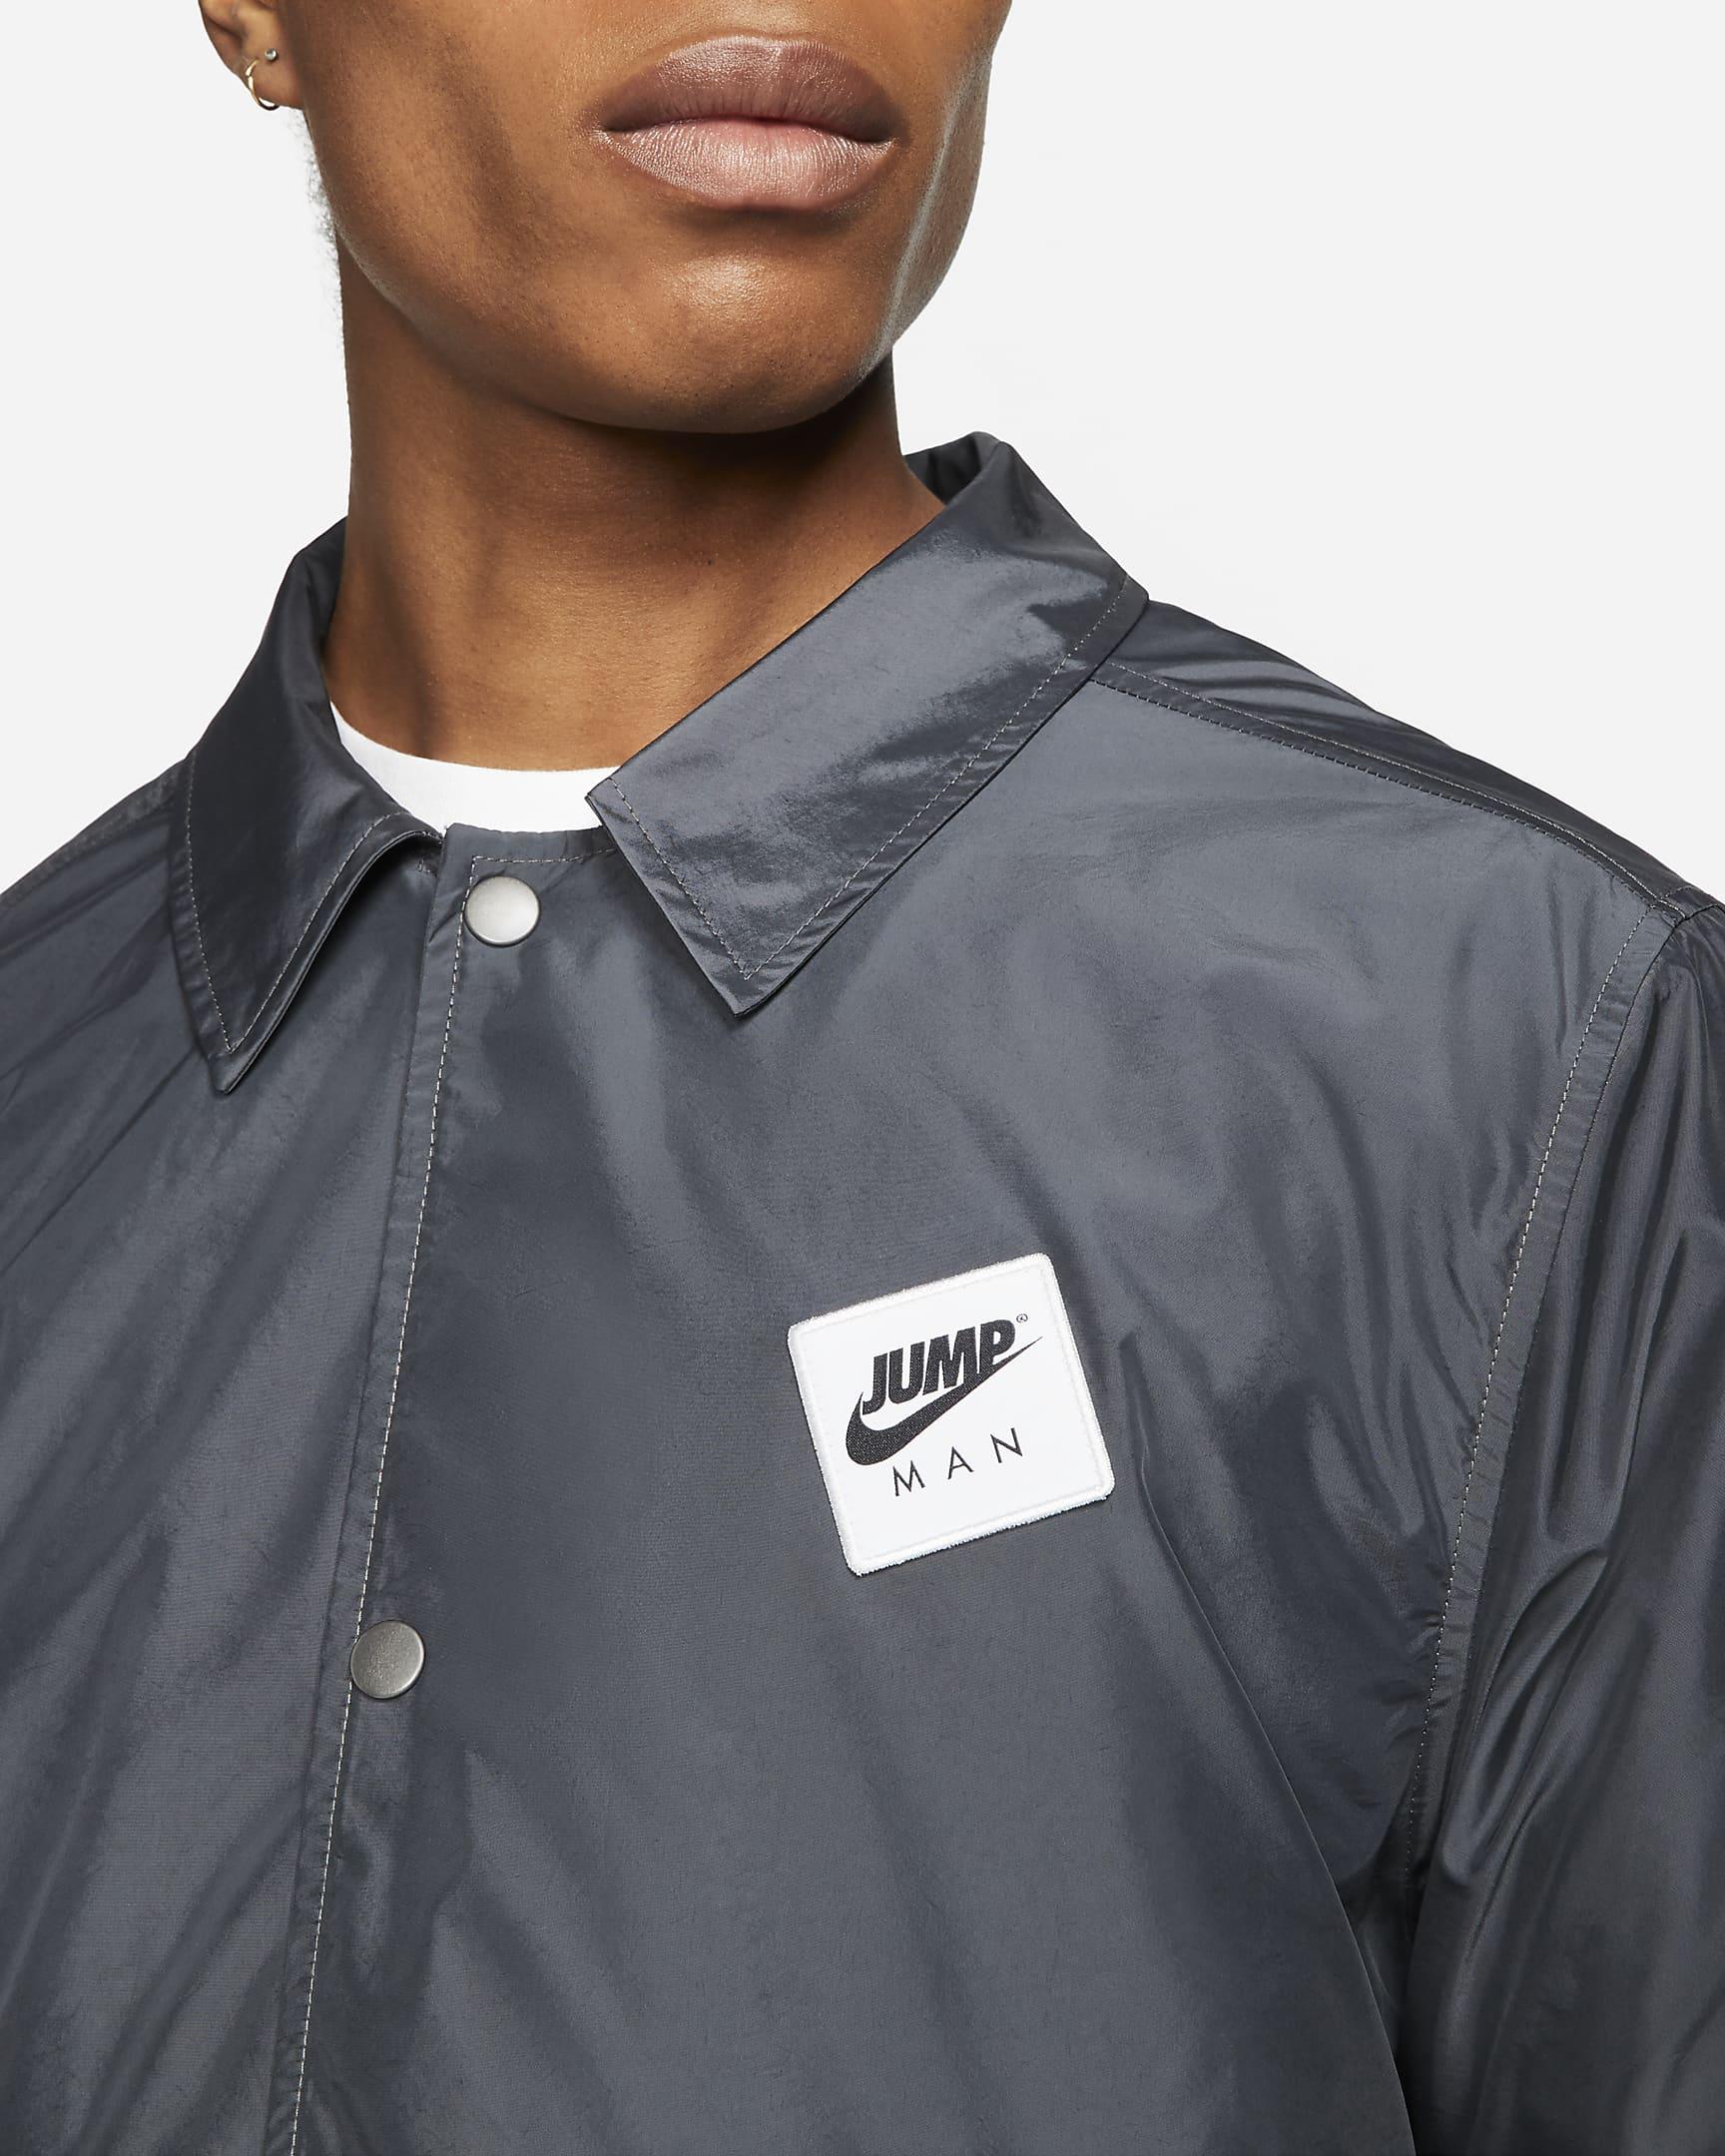 jordan-jumpman-classics-mens-jacket-4zLW62-3.png